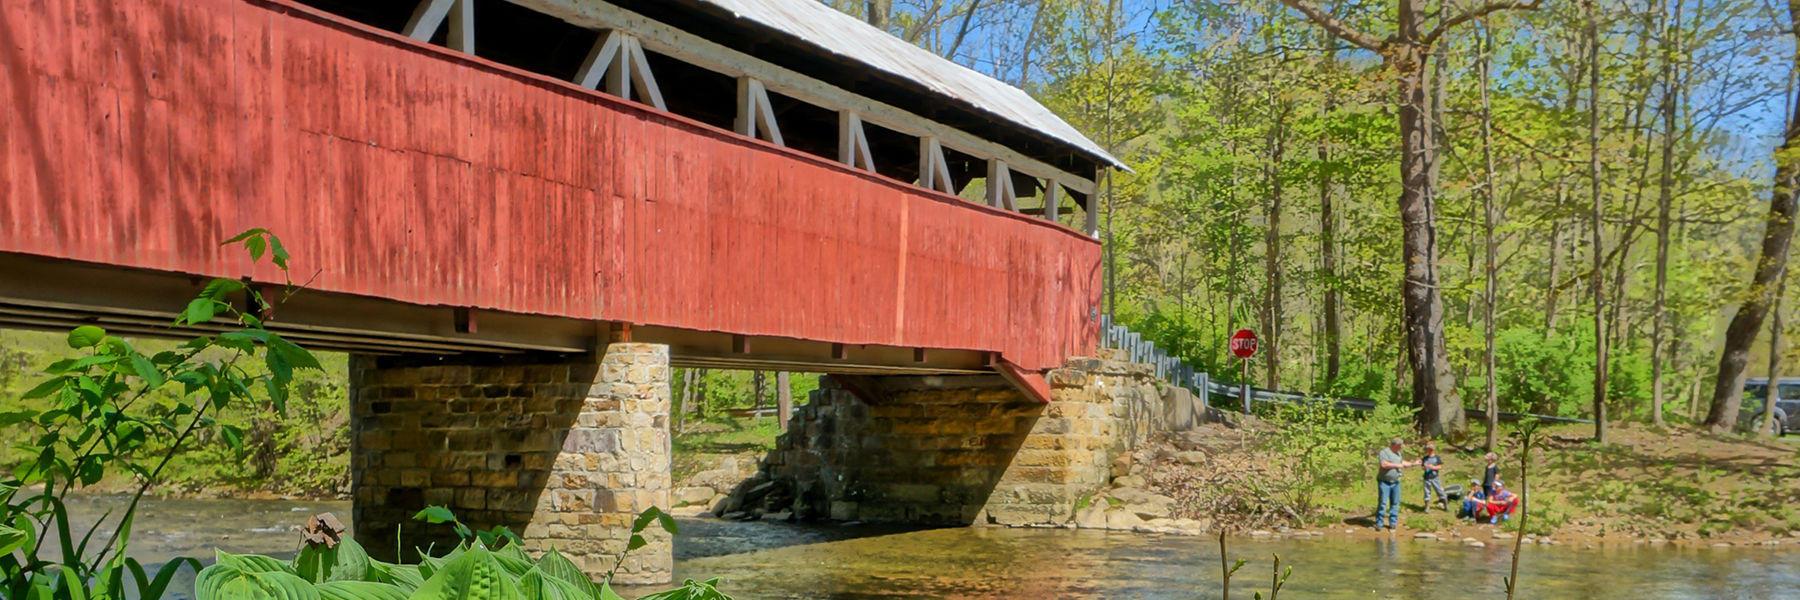 Covered Bridges & Famous Routes